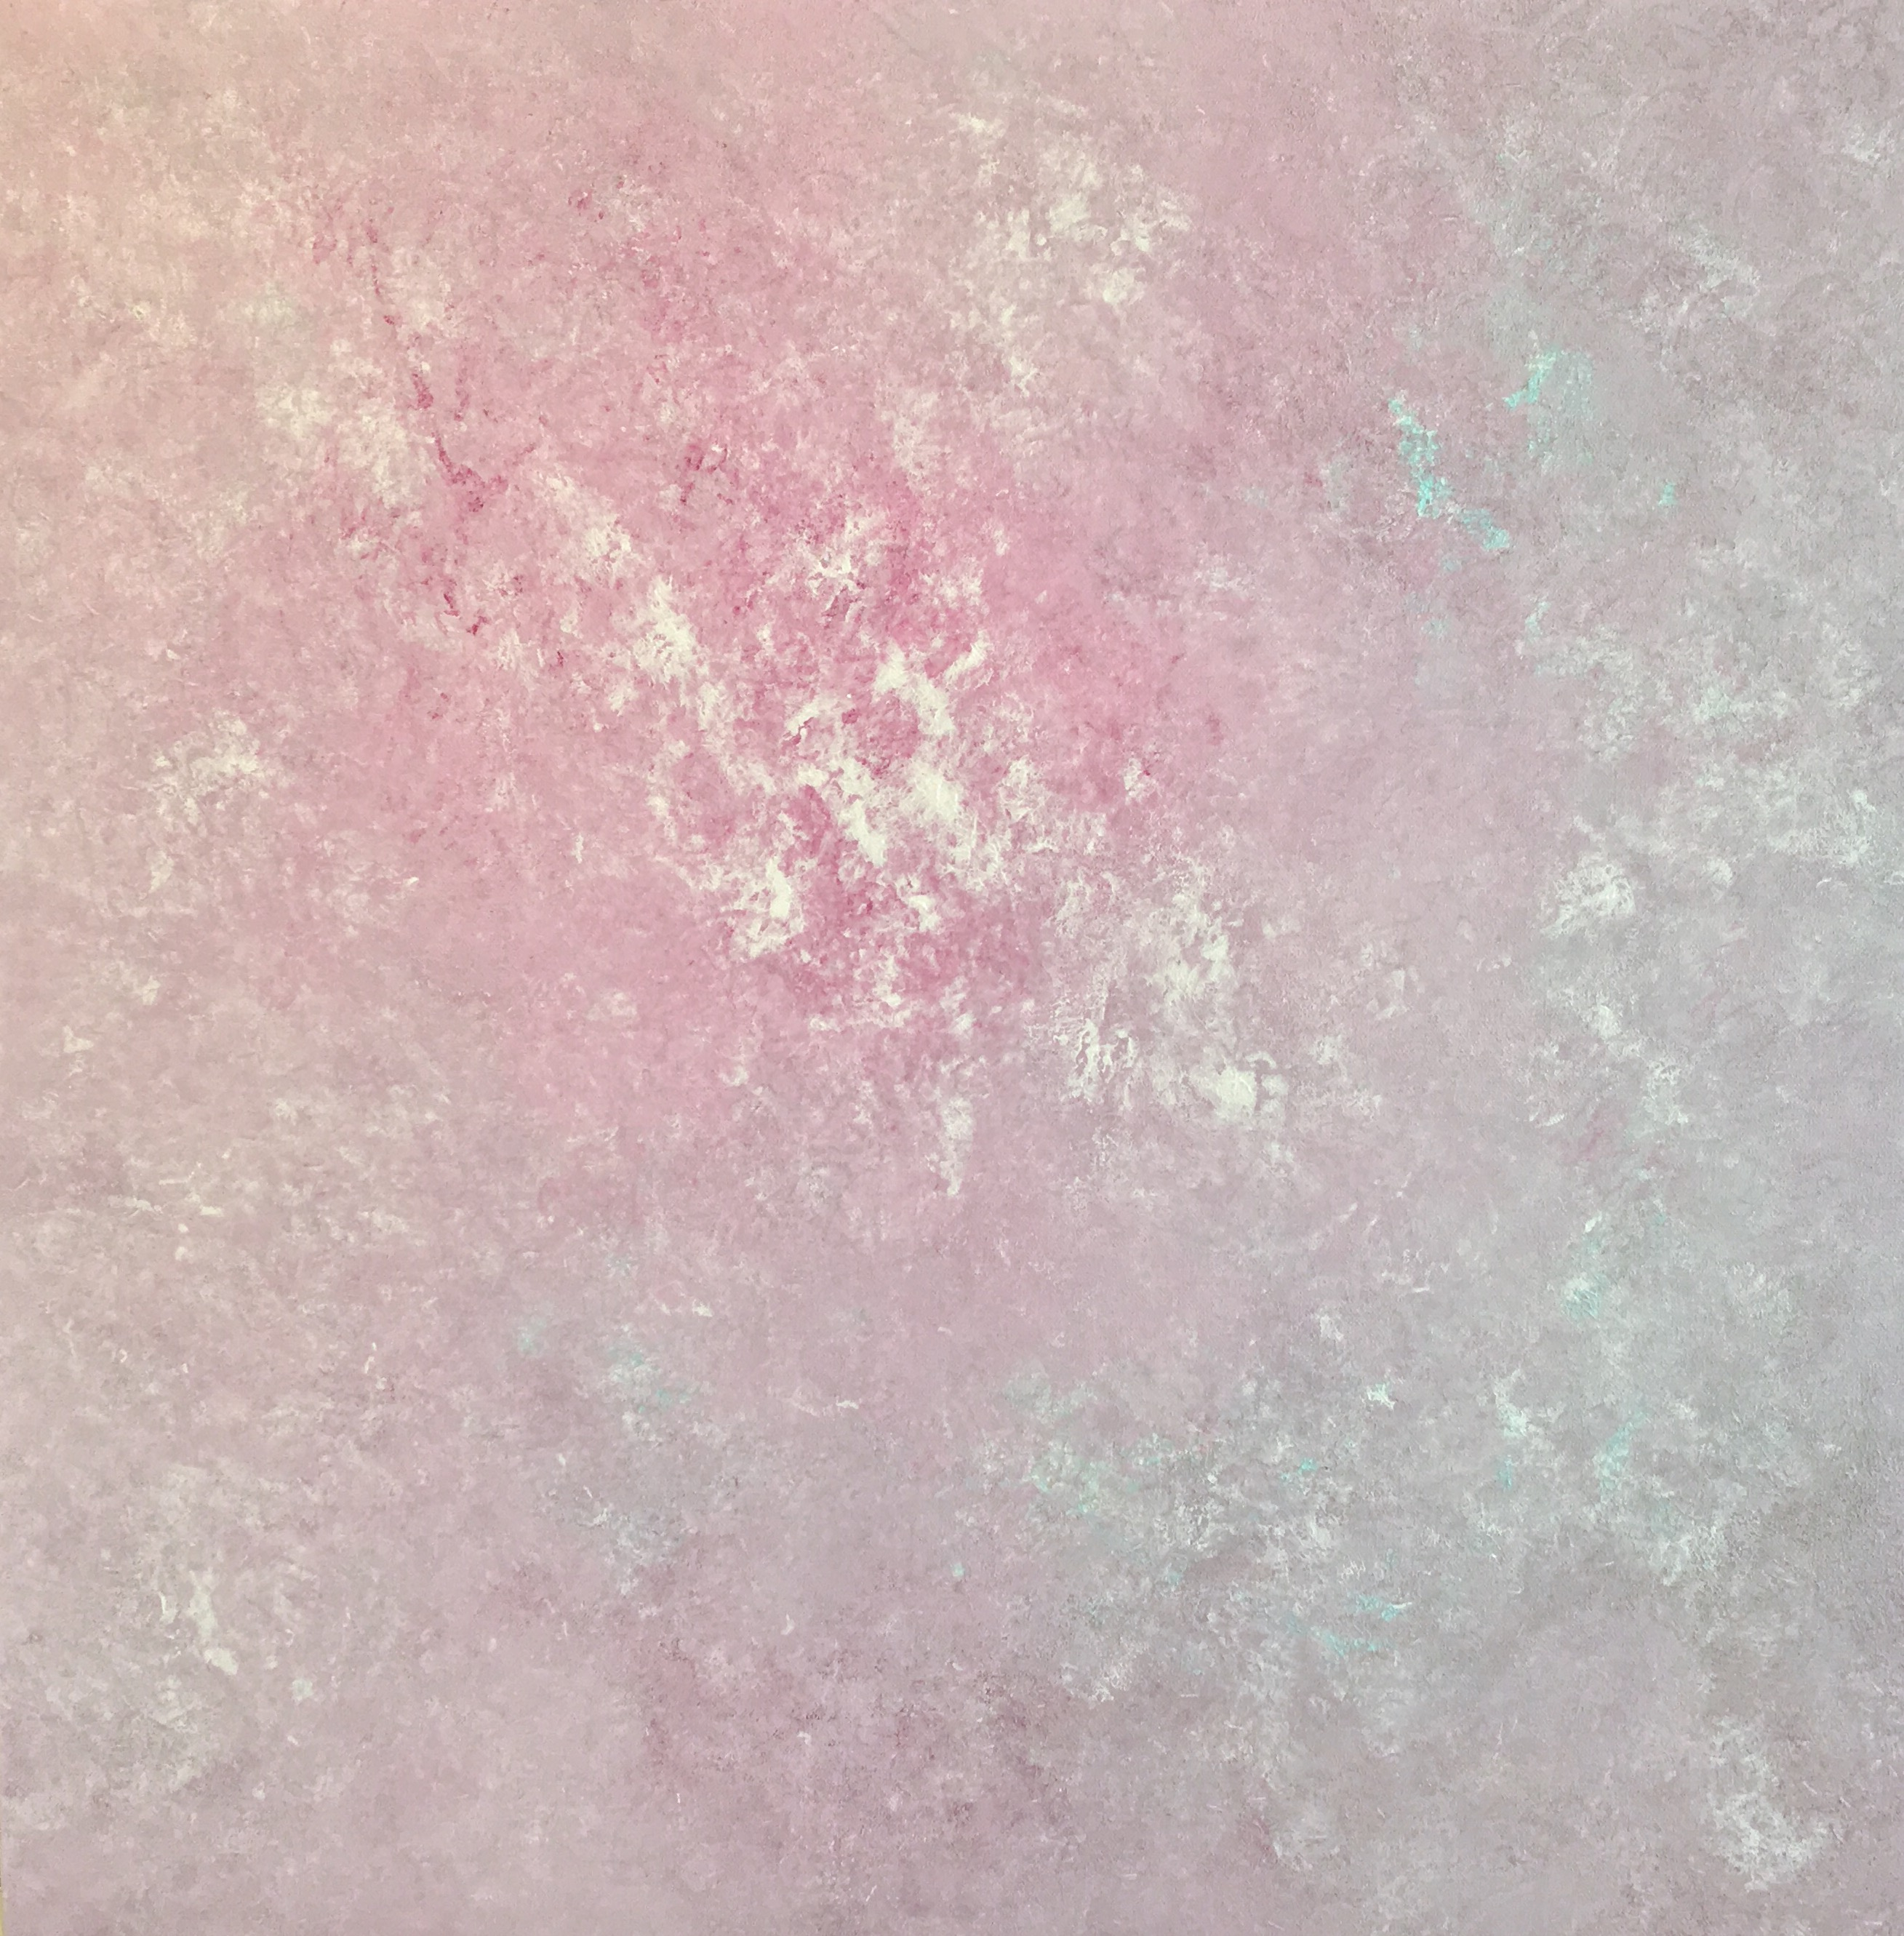 Marine Bonzom - Artiste Peintre Biarritz - Sugar Baby Love